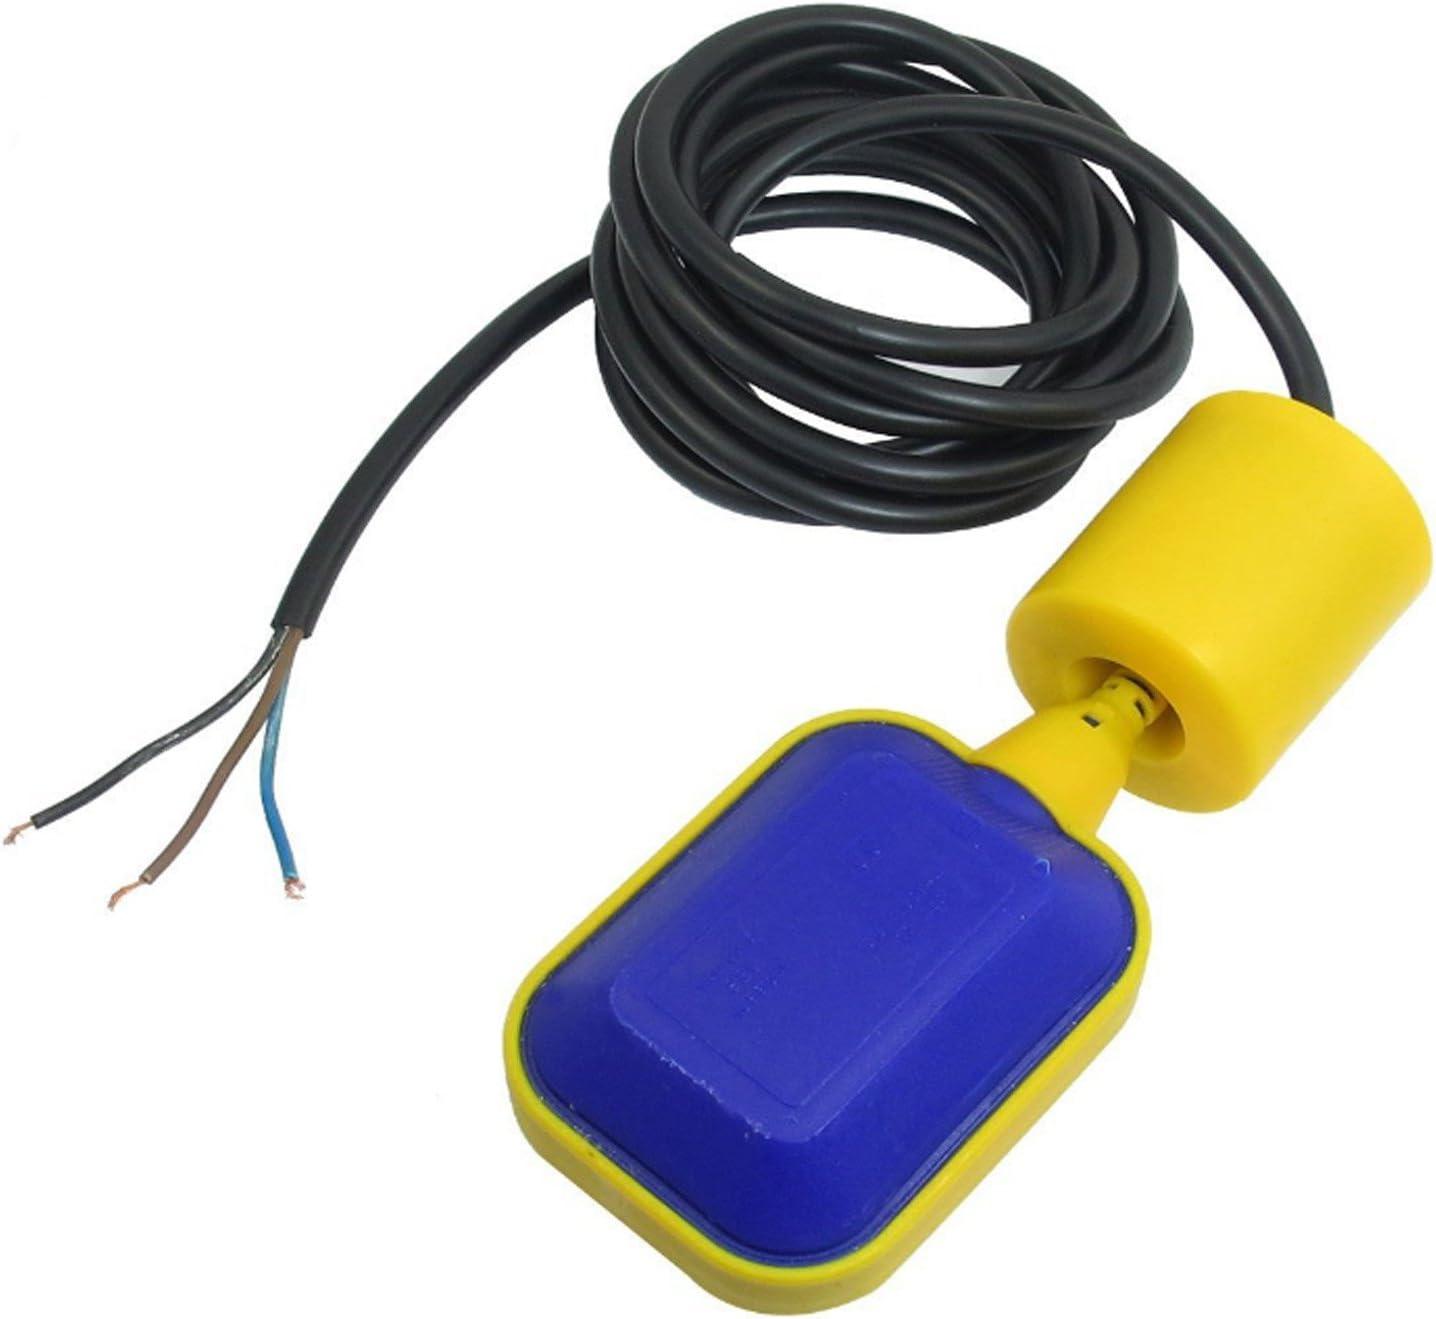 Reusious Controlador de nivel de agua de cable de 3 metros Interruptor de flotador rectangular CA 220 V 15 (8) A